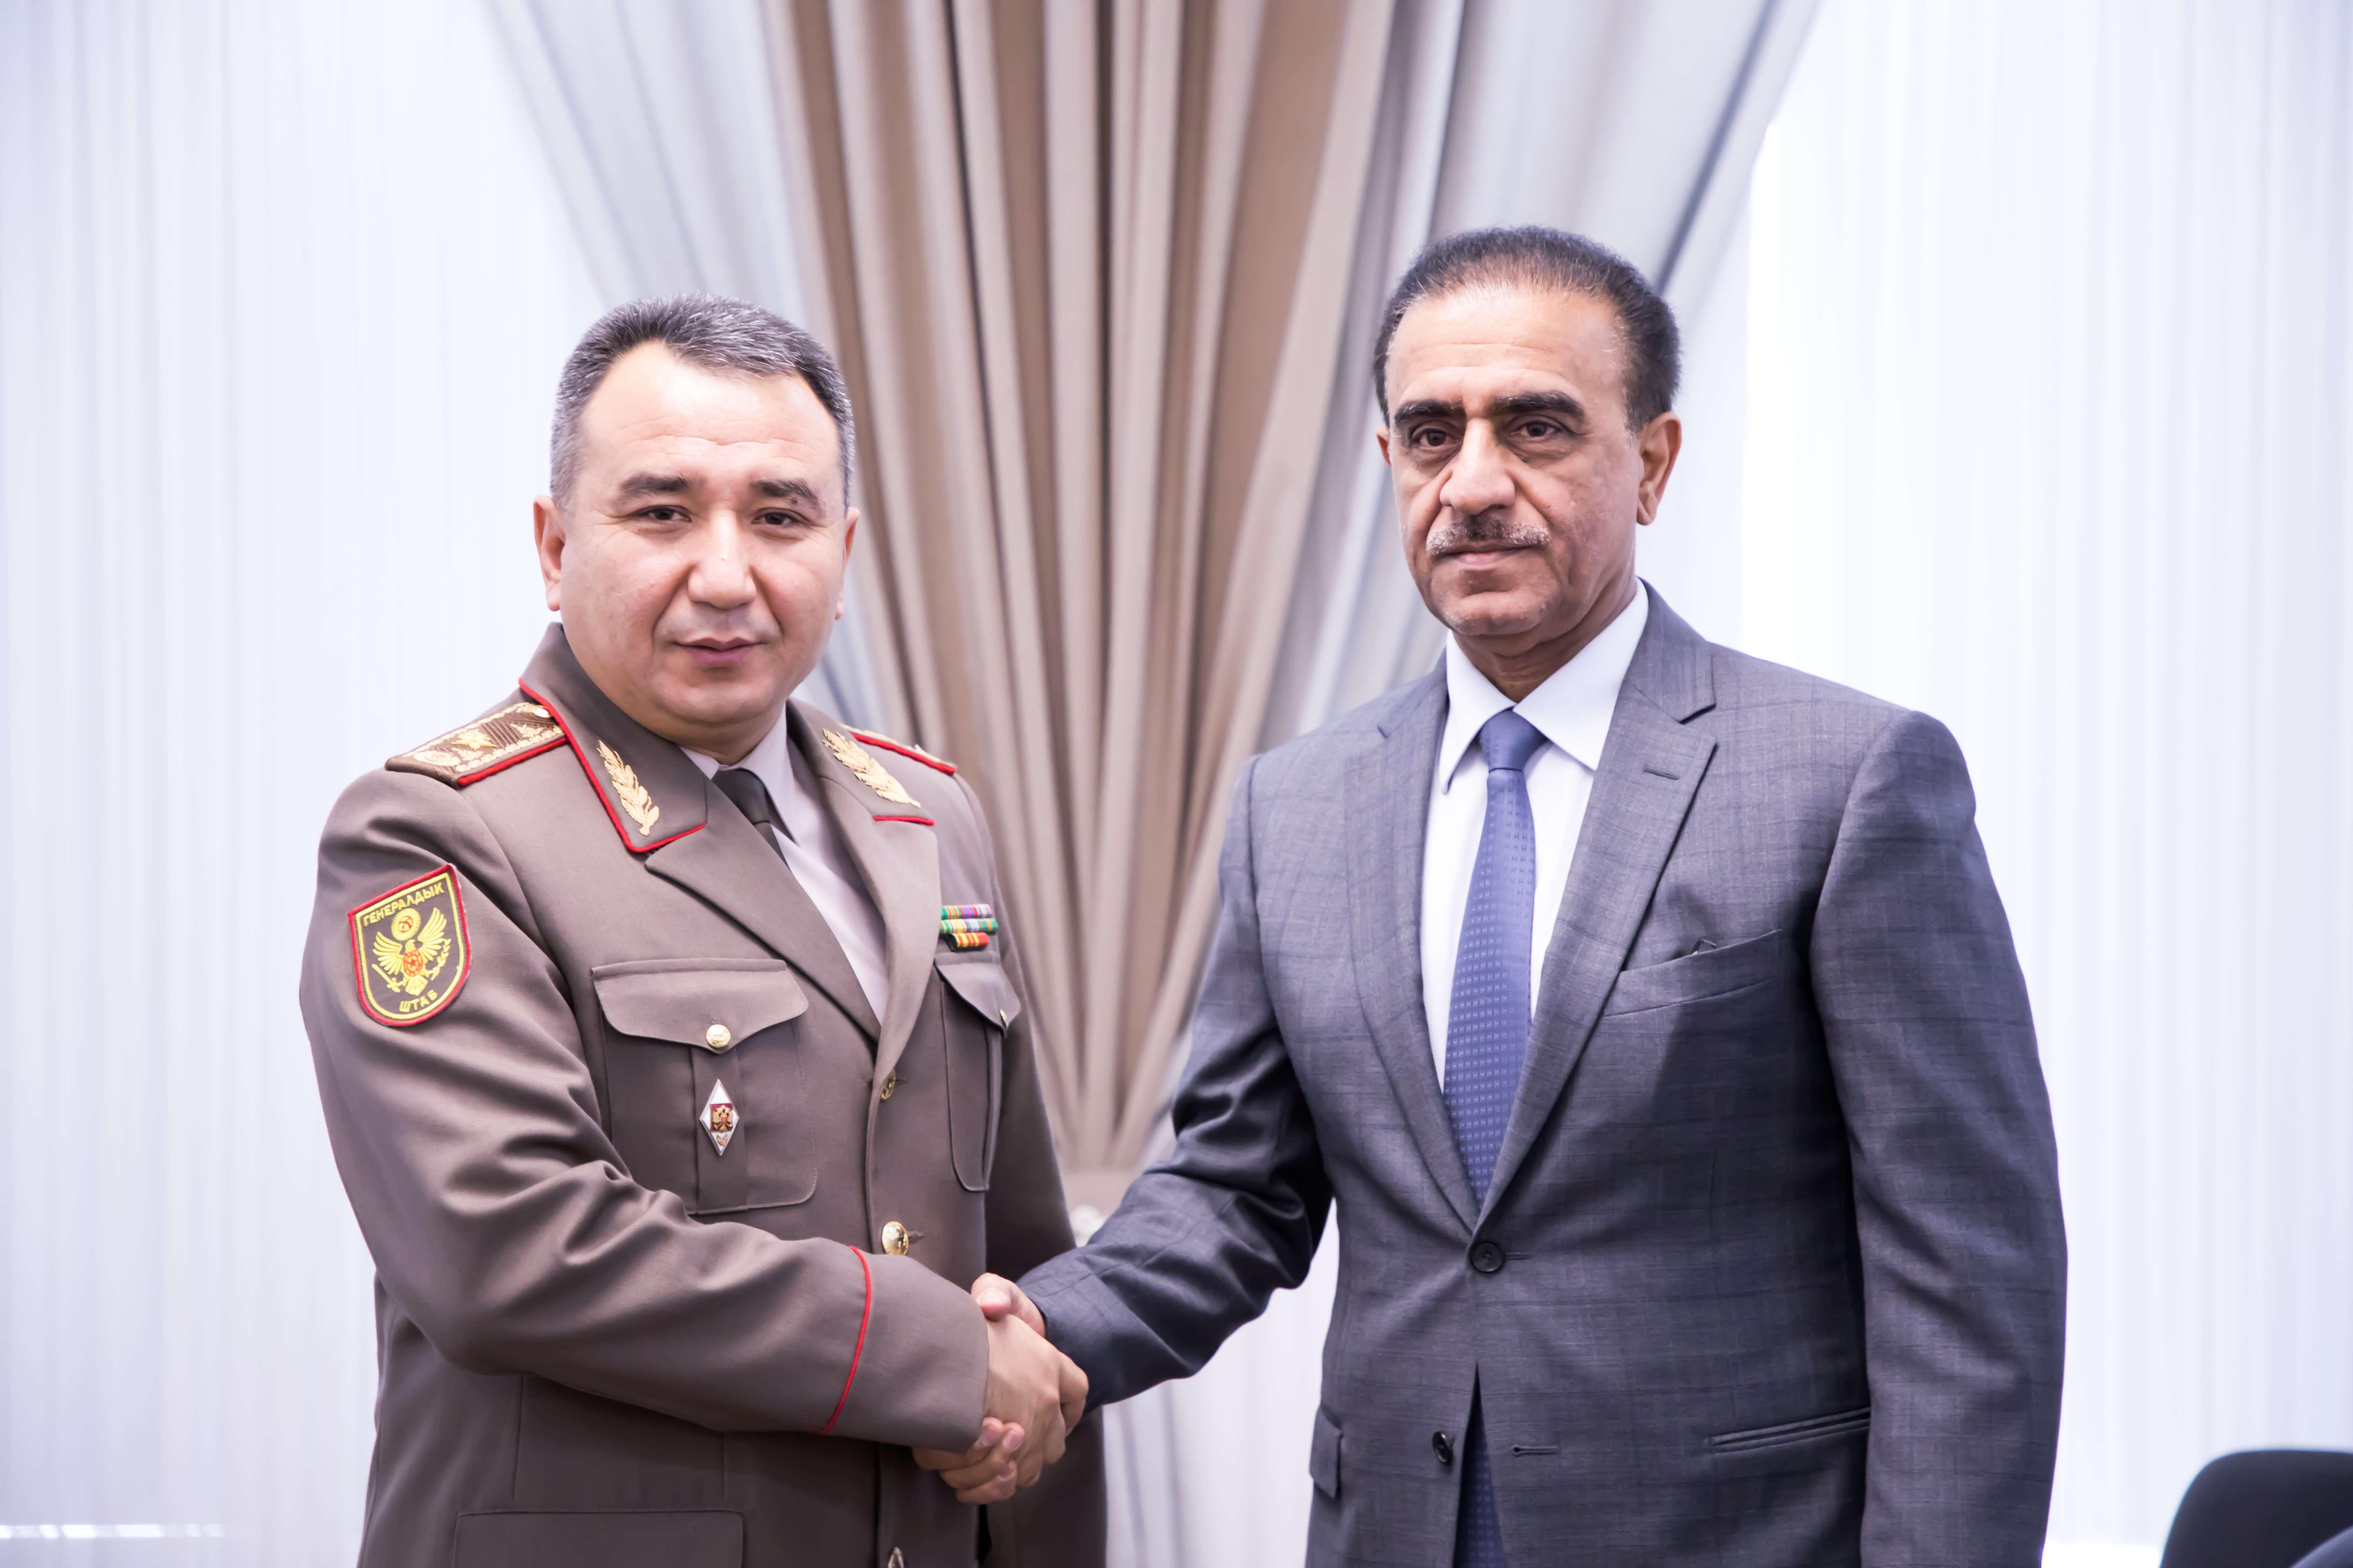 Генерал Дуйшенбиев послу Аль-Сулейти: «Добро пожаловать в Кыргызстан!»